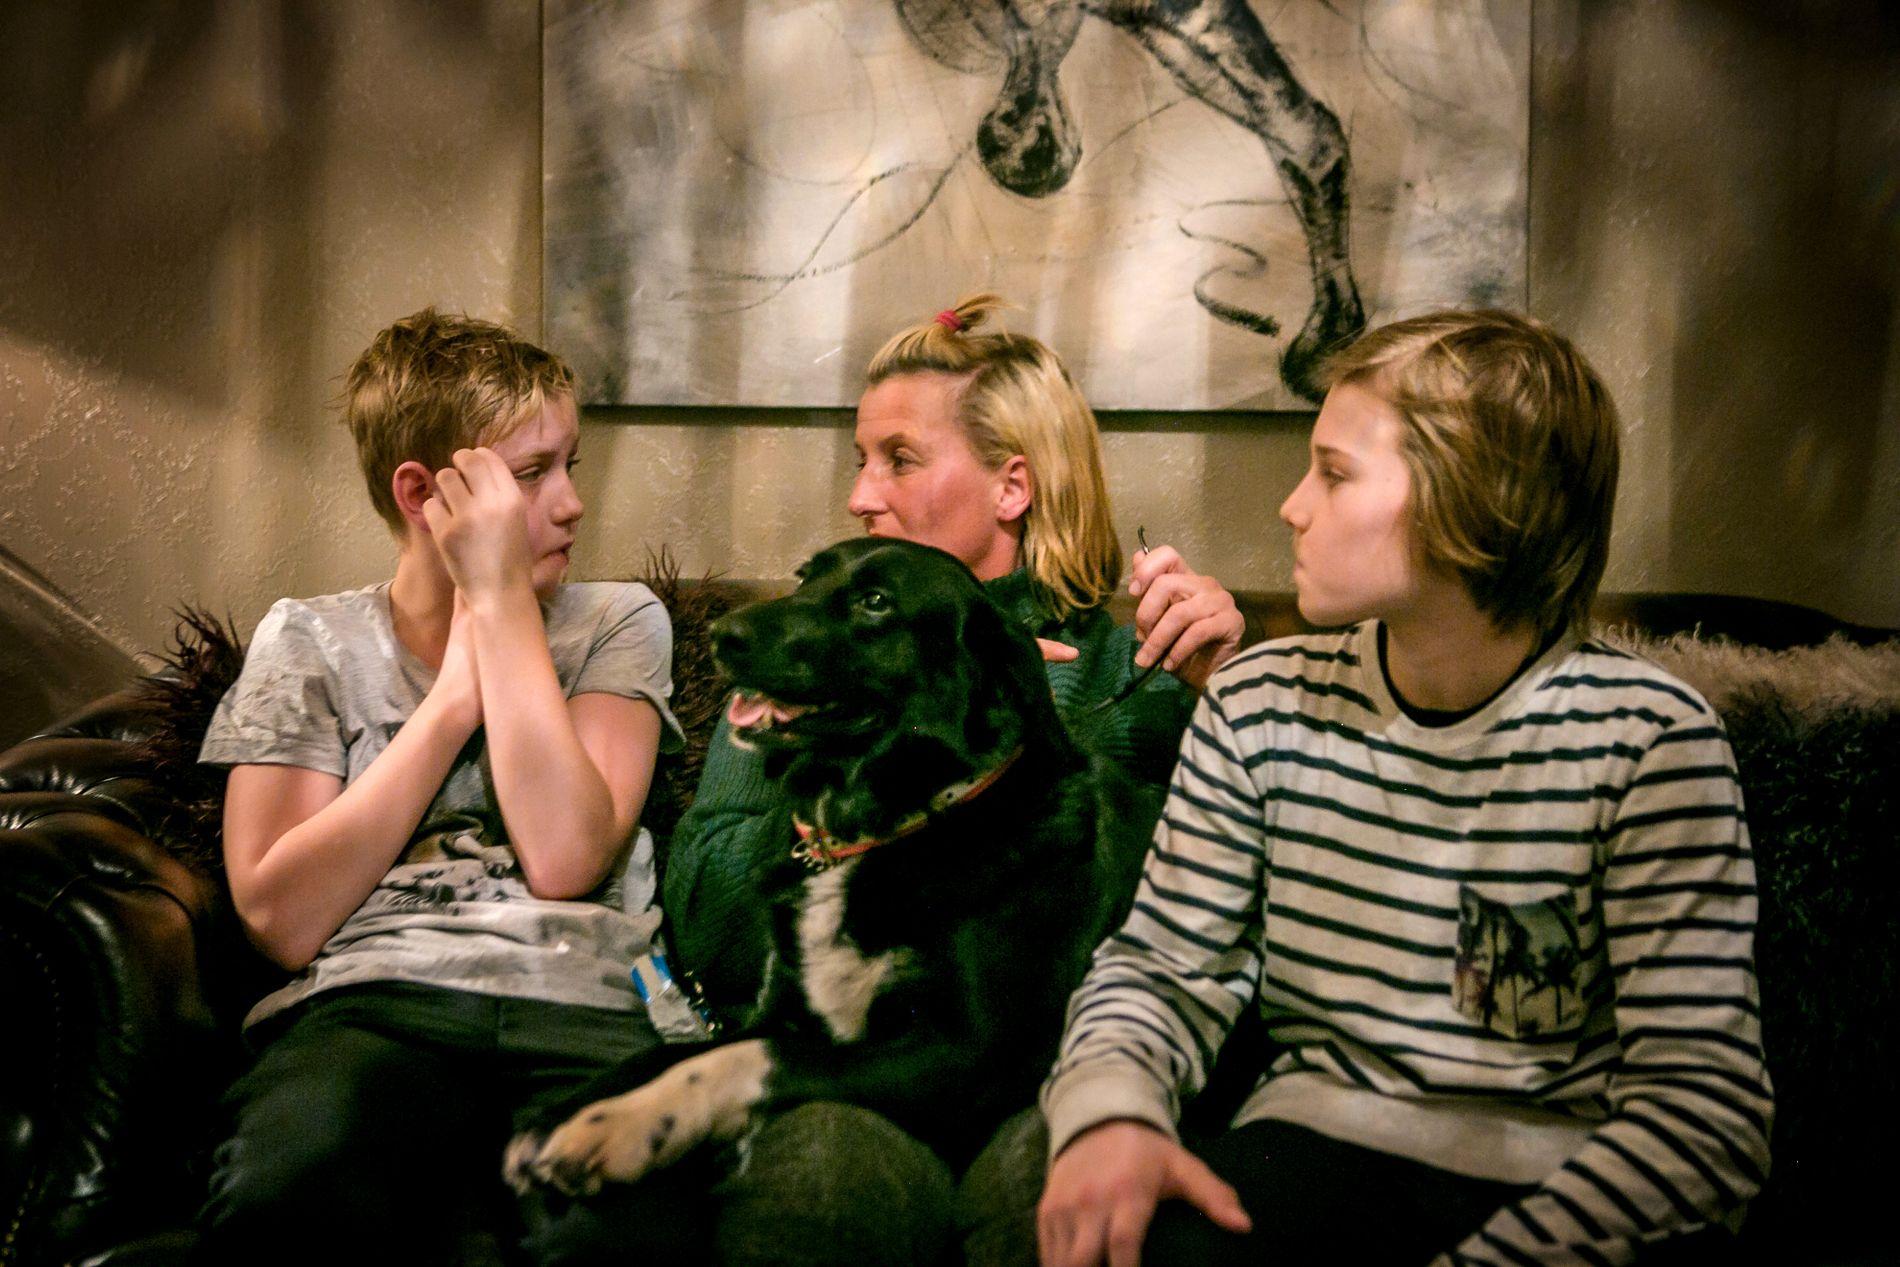 TOMROM: Den åtte år gamle hunden Ludvig ble drept av ulv natt til søndag. Mari Gerhardsen (i midten) sitter igjen med et tomrom, og merker at hundene Phoebe (15) og Lotus (4) reagerer på at Ludvig er borte. Her er Mari sammen med Lucas Waaler (14), Linus Waaler (11) og Lotus i sofaen hjemme.